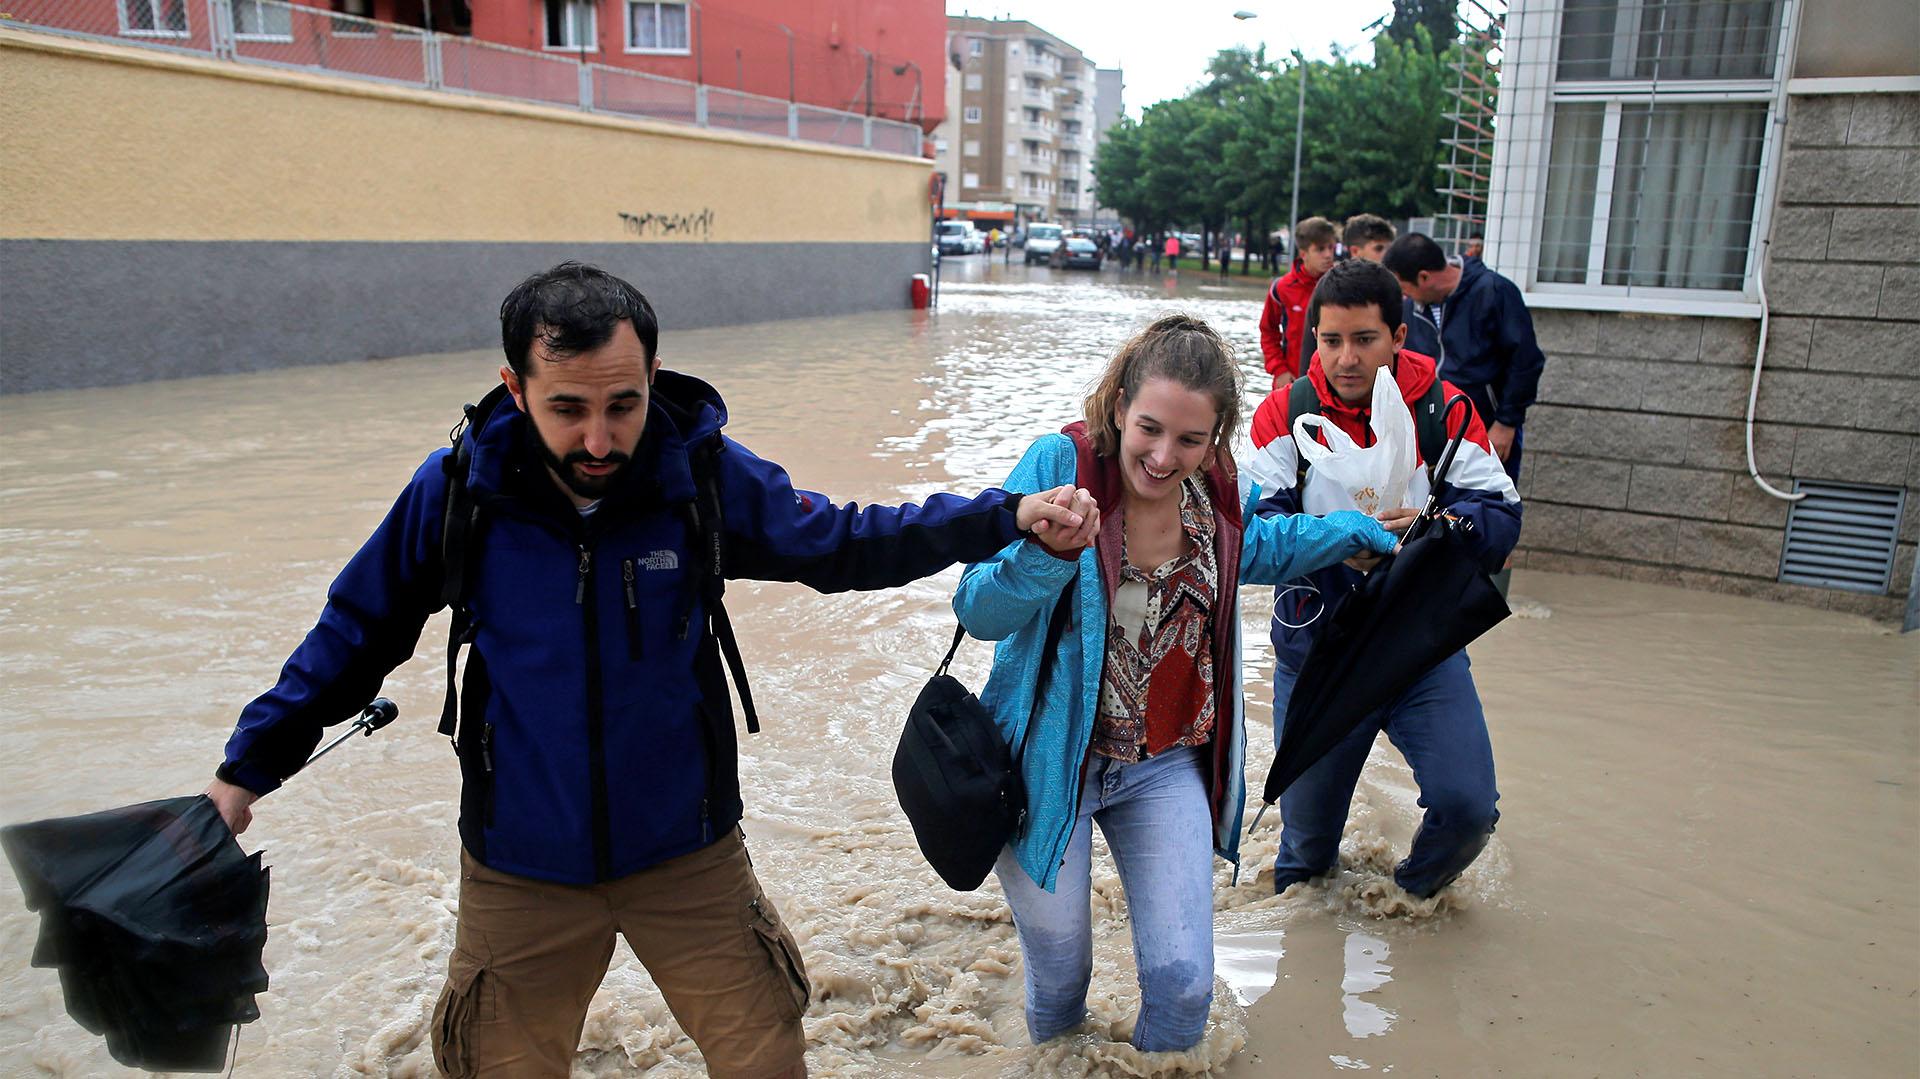 La gente vadea por una calle inundada cerca del desbordante río Segura en Orihuela, cerca de Murcia (REUTERS/Jon Nazca)